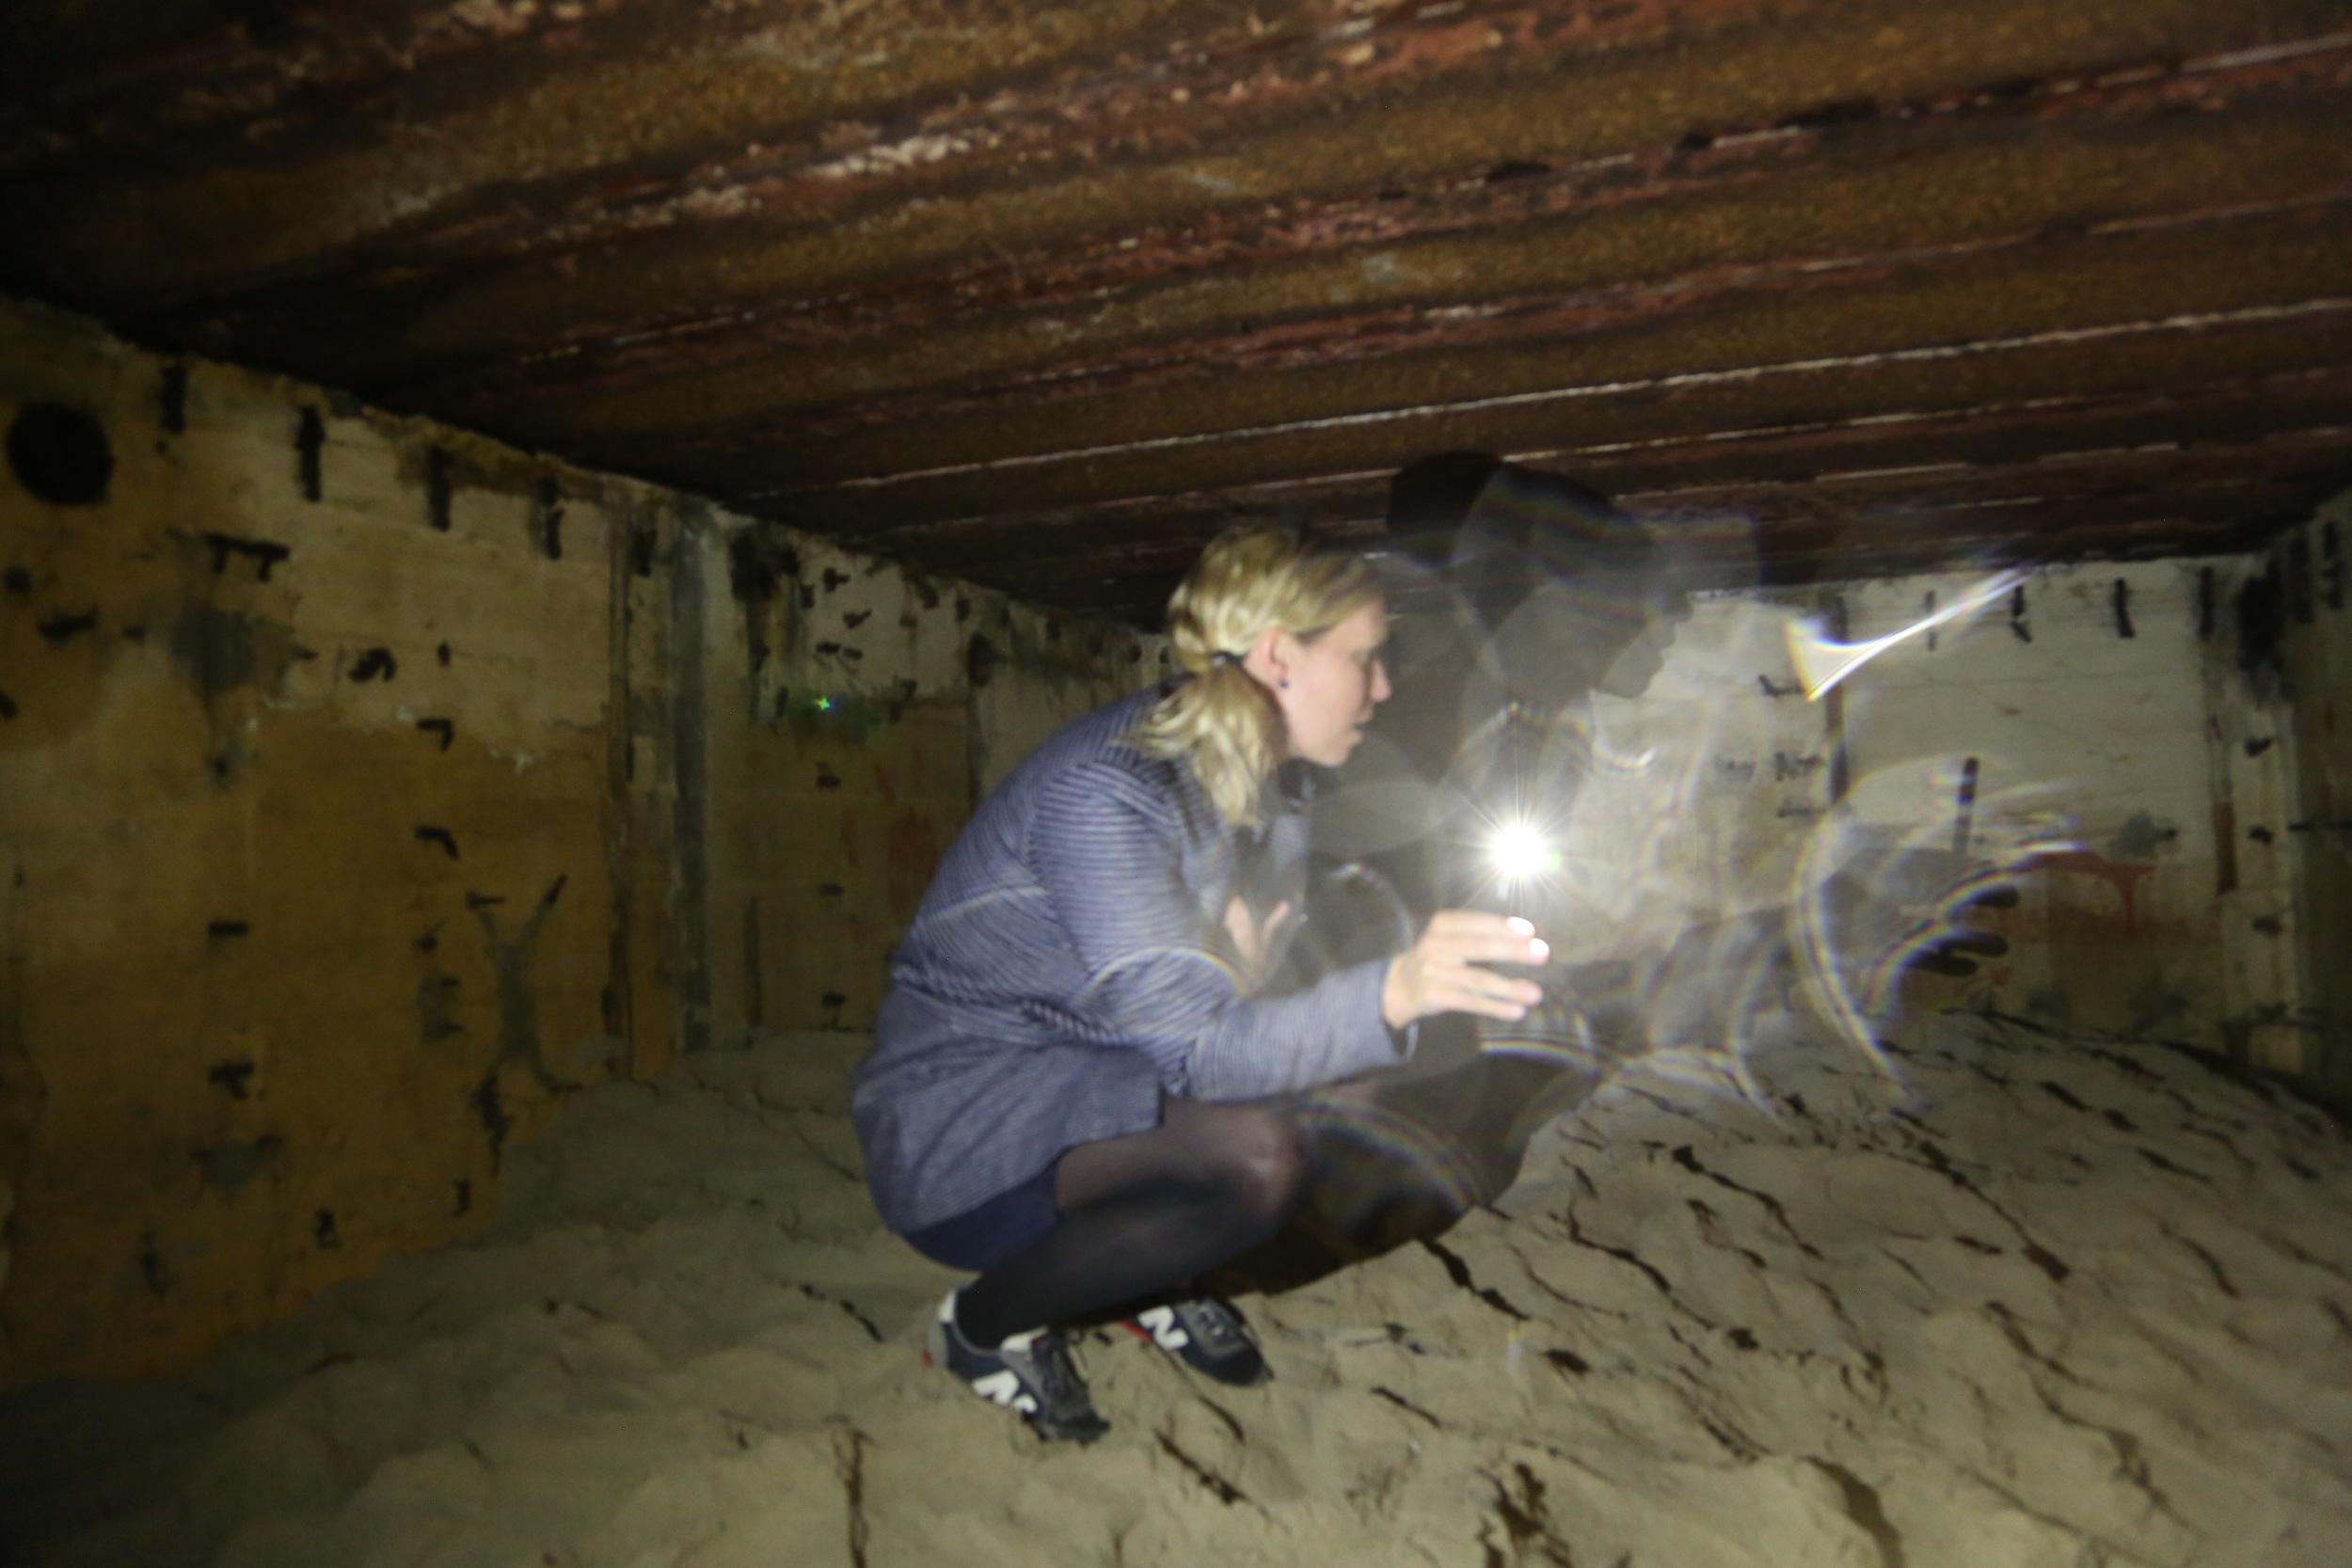 Slik ser det ut inne i en av bunkersene, der en kunster har laget bilder på veggen. Foto: Odd Roar Lange